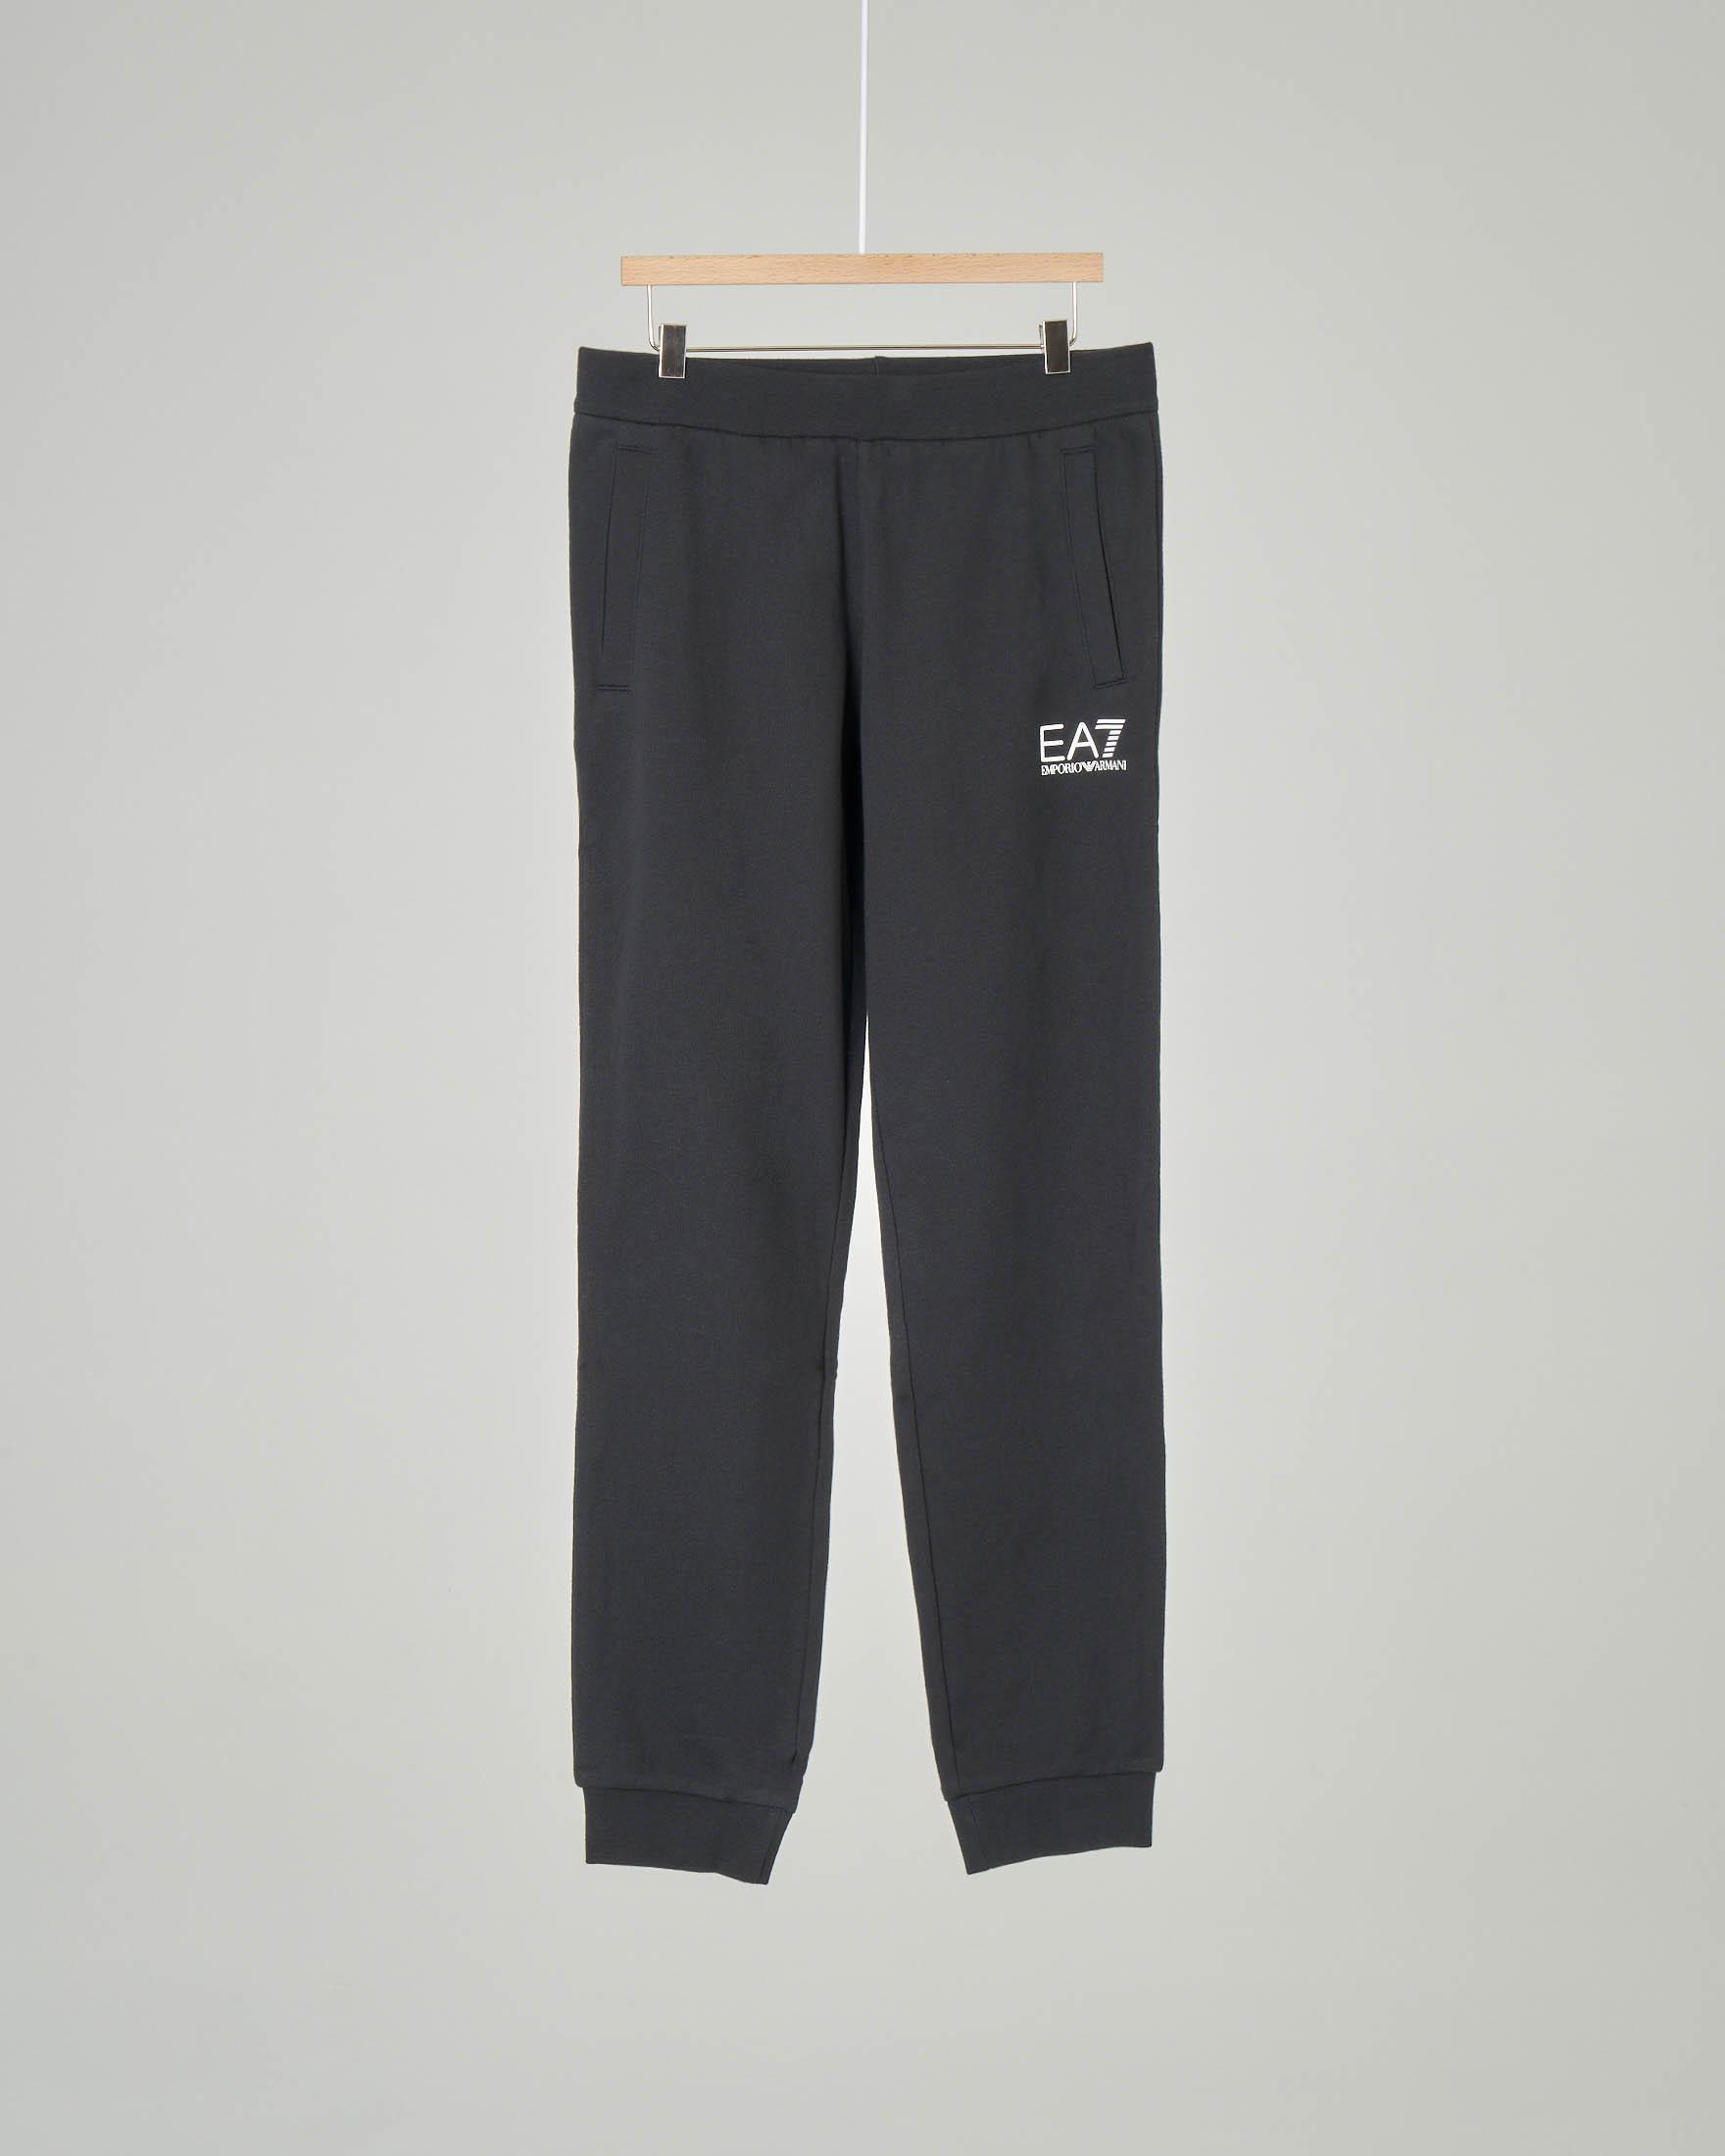 Pantalone nero in felpa con logo piccolo stampato 8-14 anni